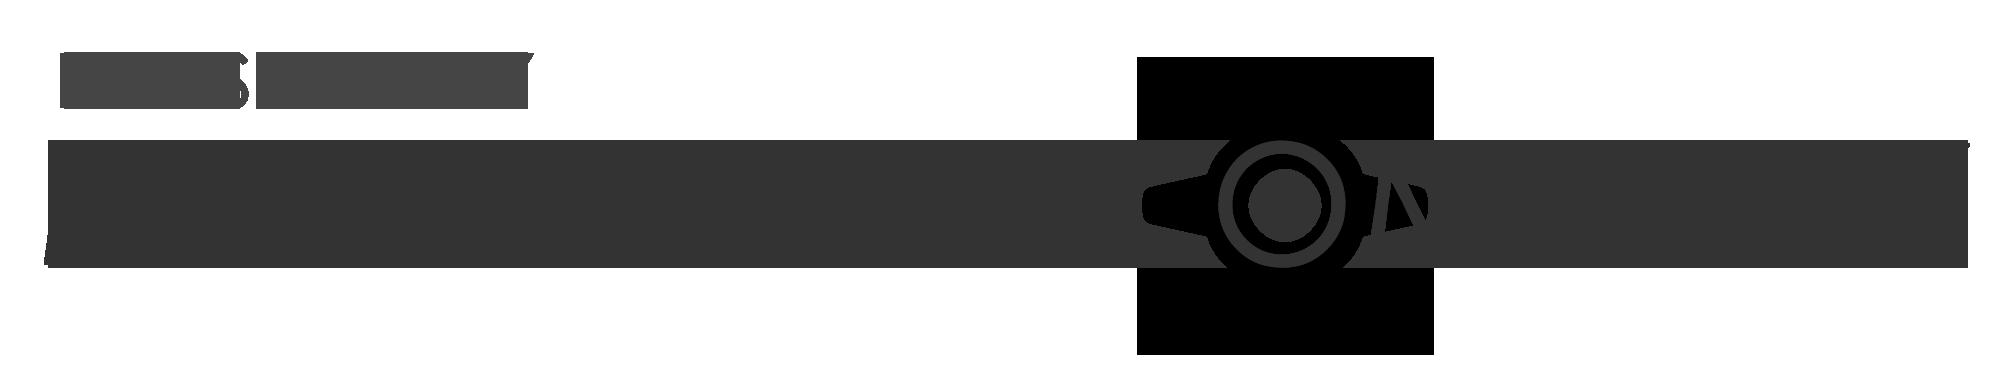 Kansas City Marketing Company